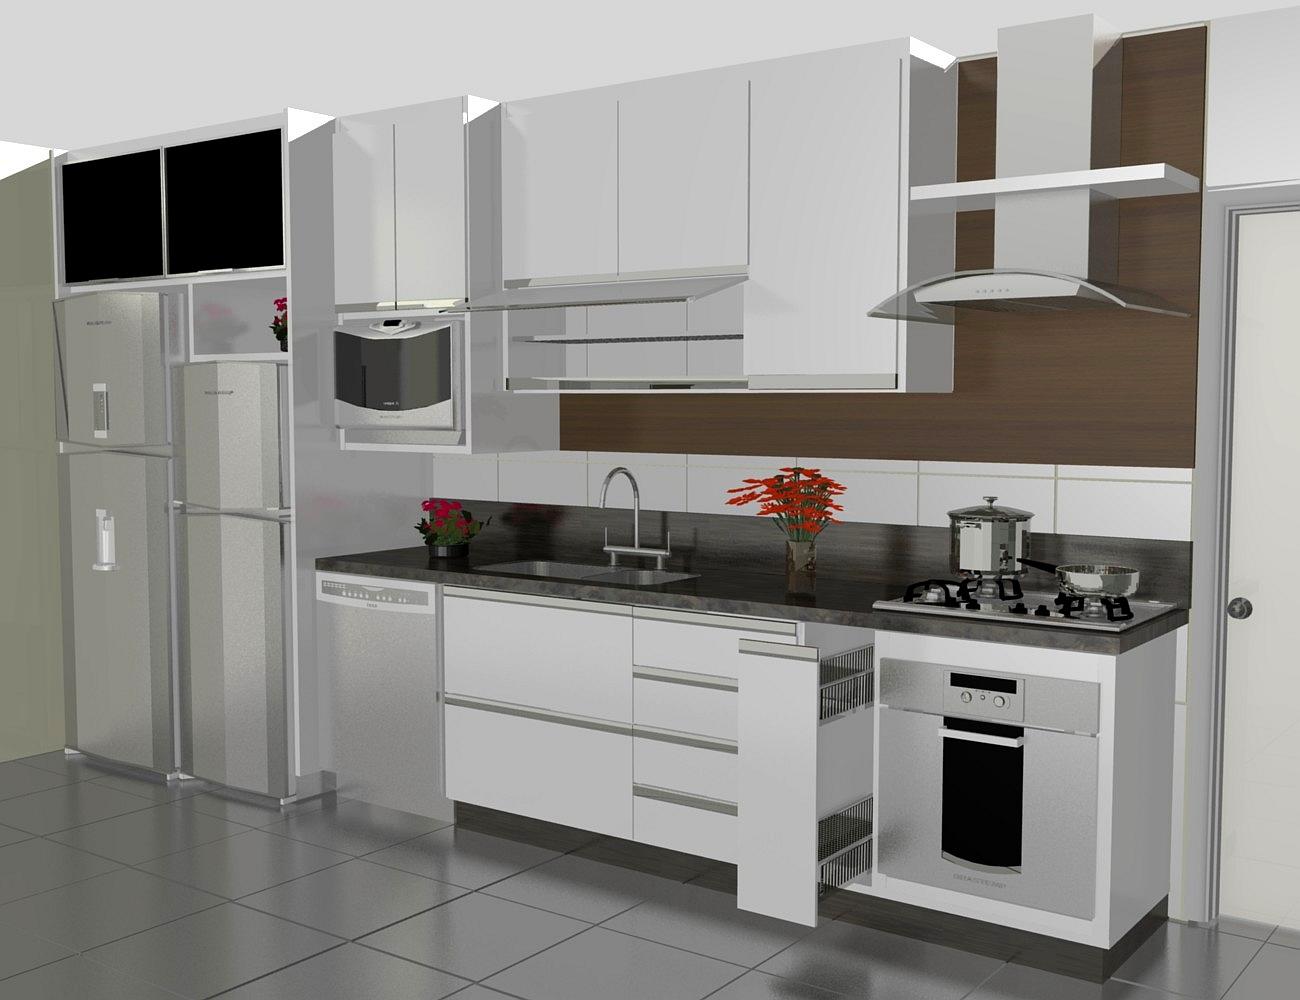 Cozinha Planejada Apartamento Pequeno Em L Simple With Cozinha